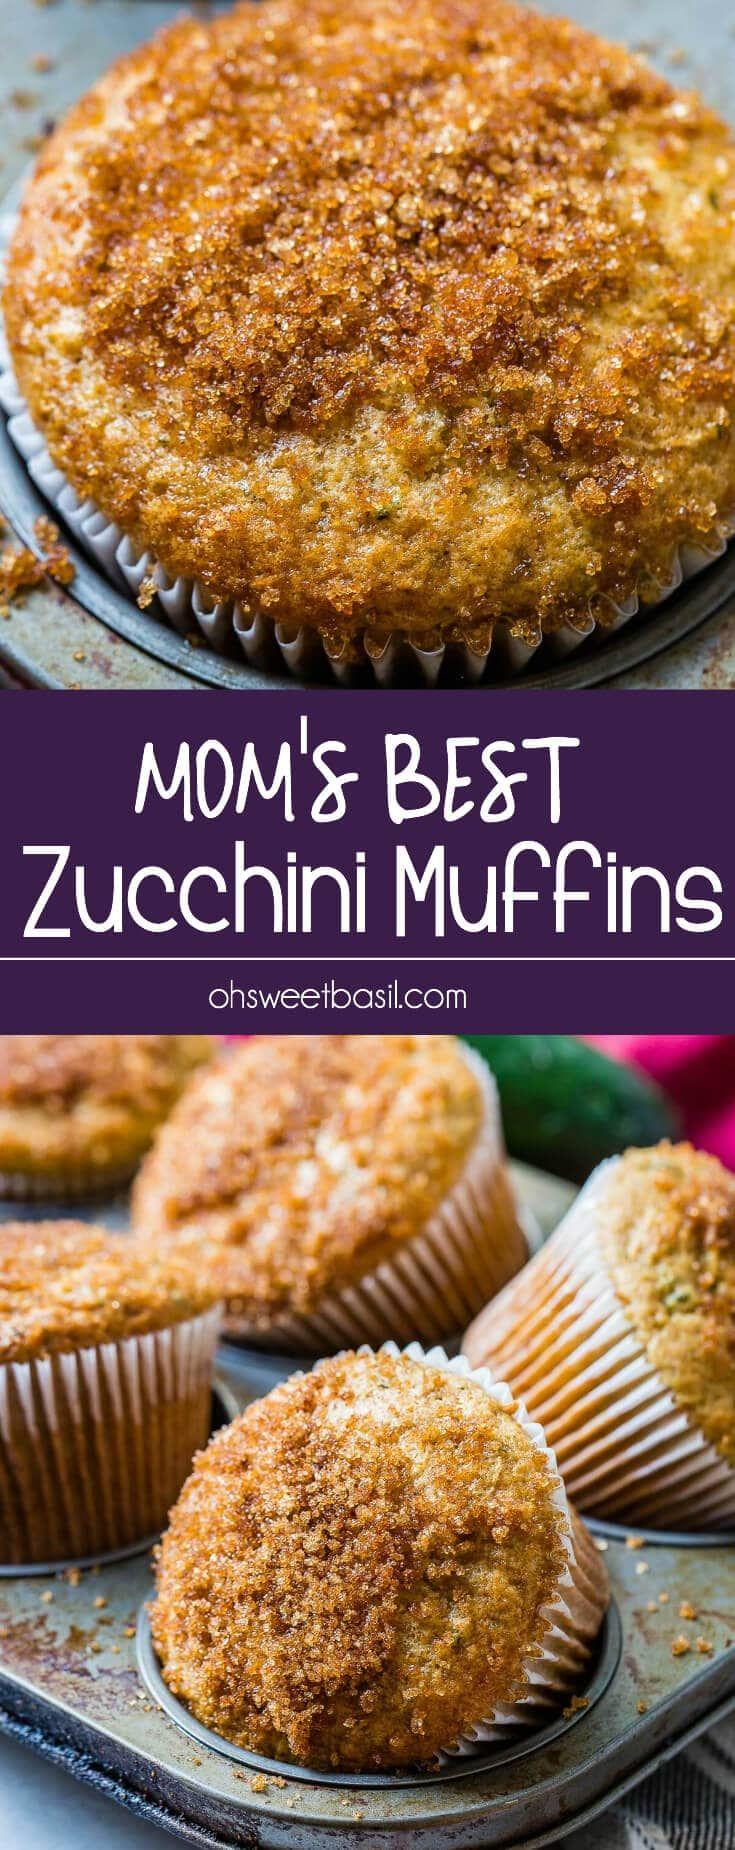 Mom S Best Zucchini Muffins Super Easy Oh Sweet Basil Recipe Zucchini Muffins Recipes Zucchini Bread Muffins